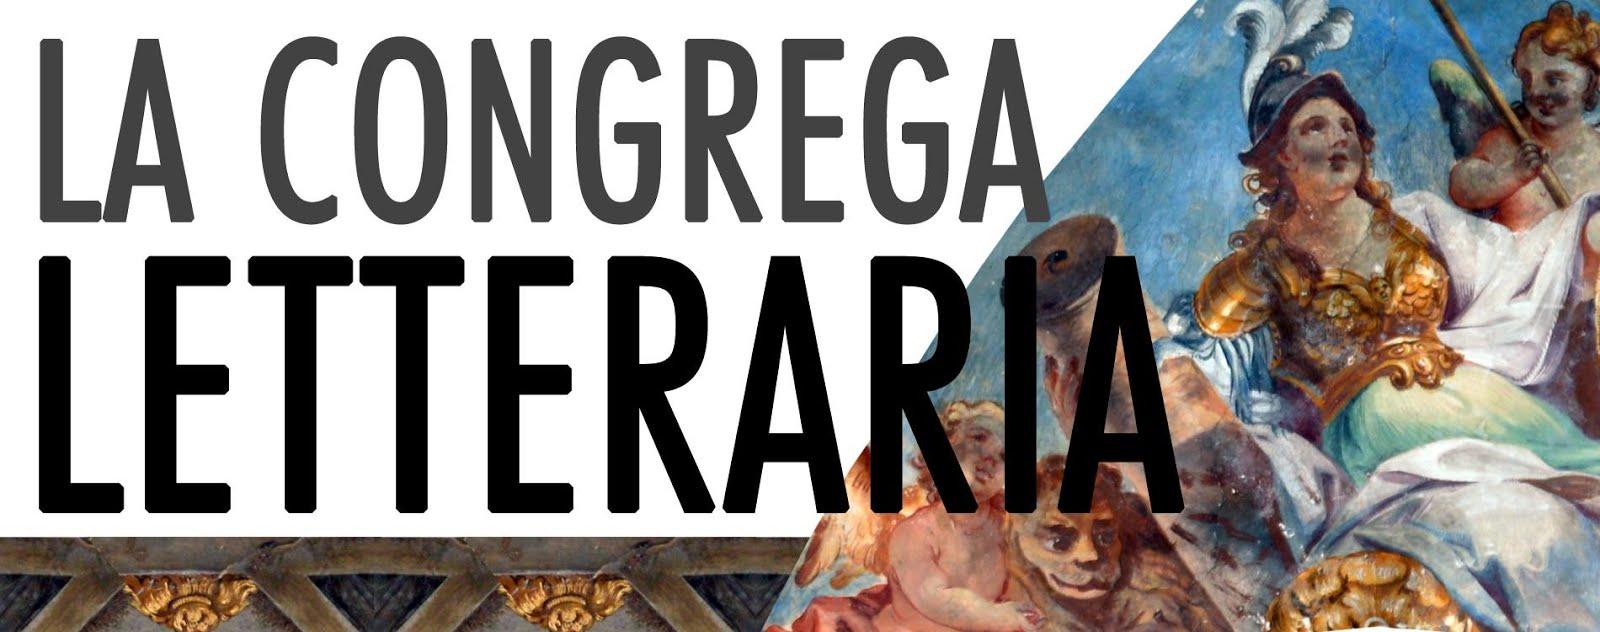 LA CONGREGA LETTERARIA